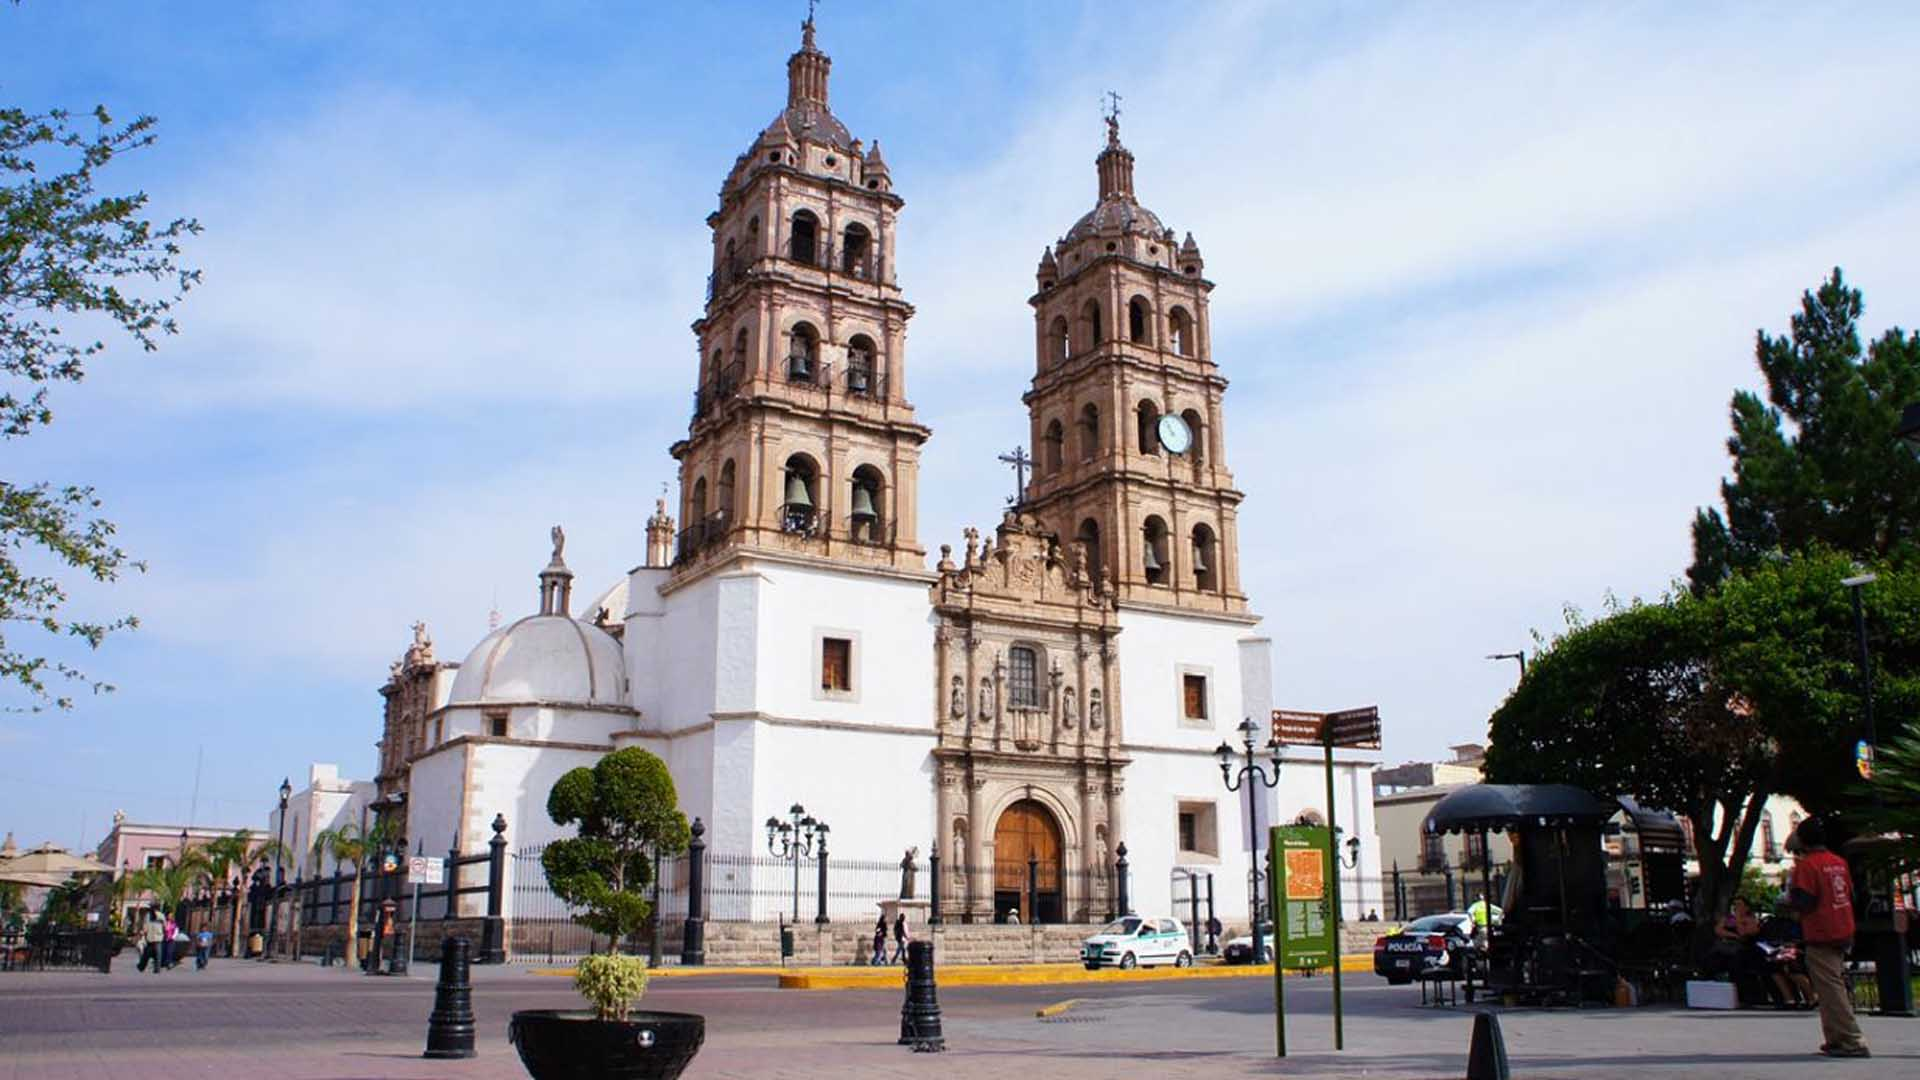 Catedral Basílica de Durango